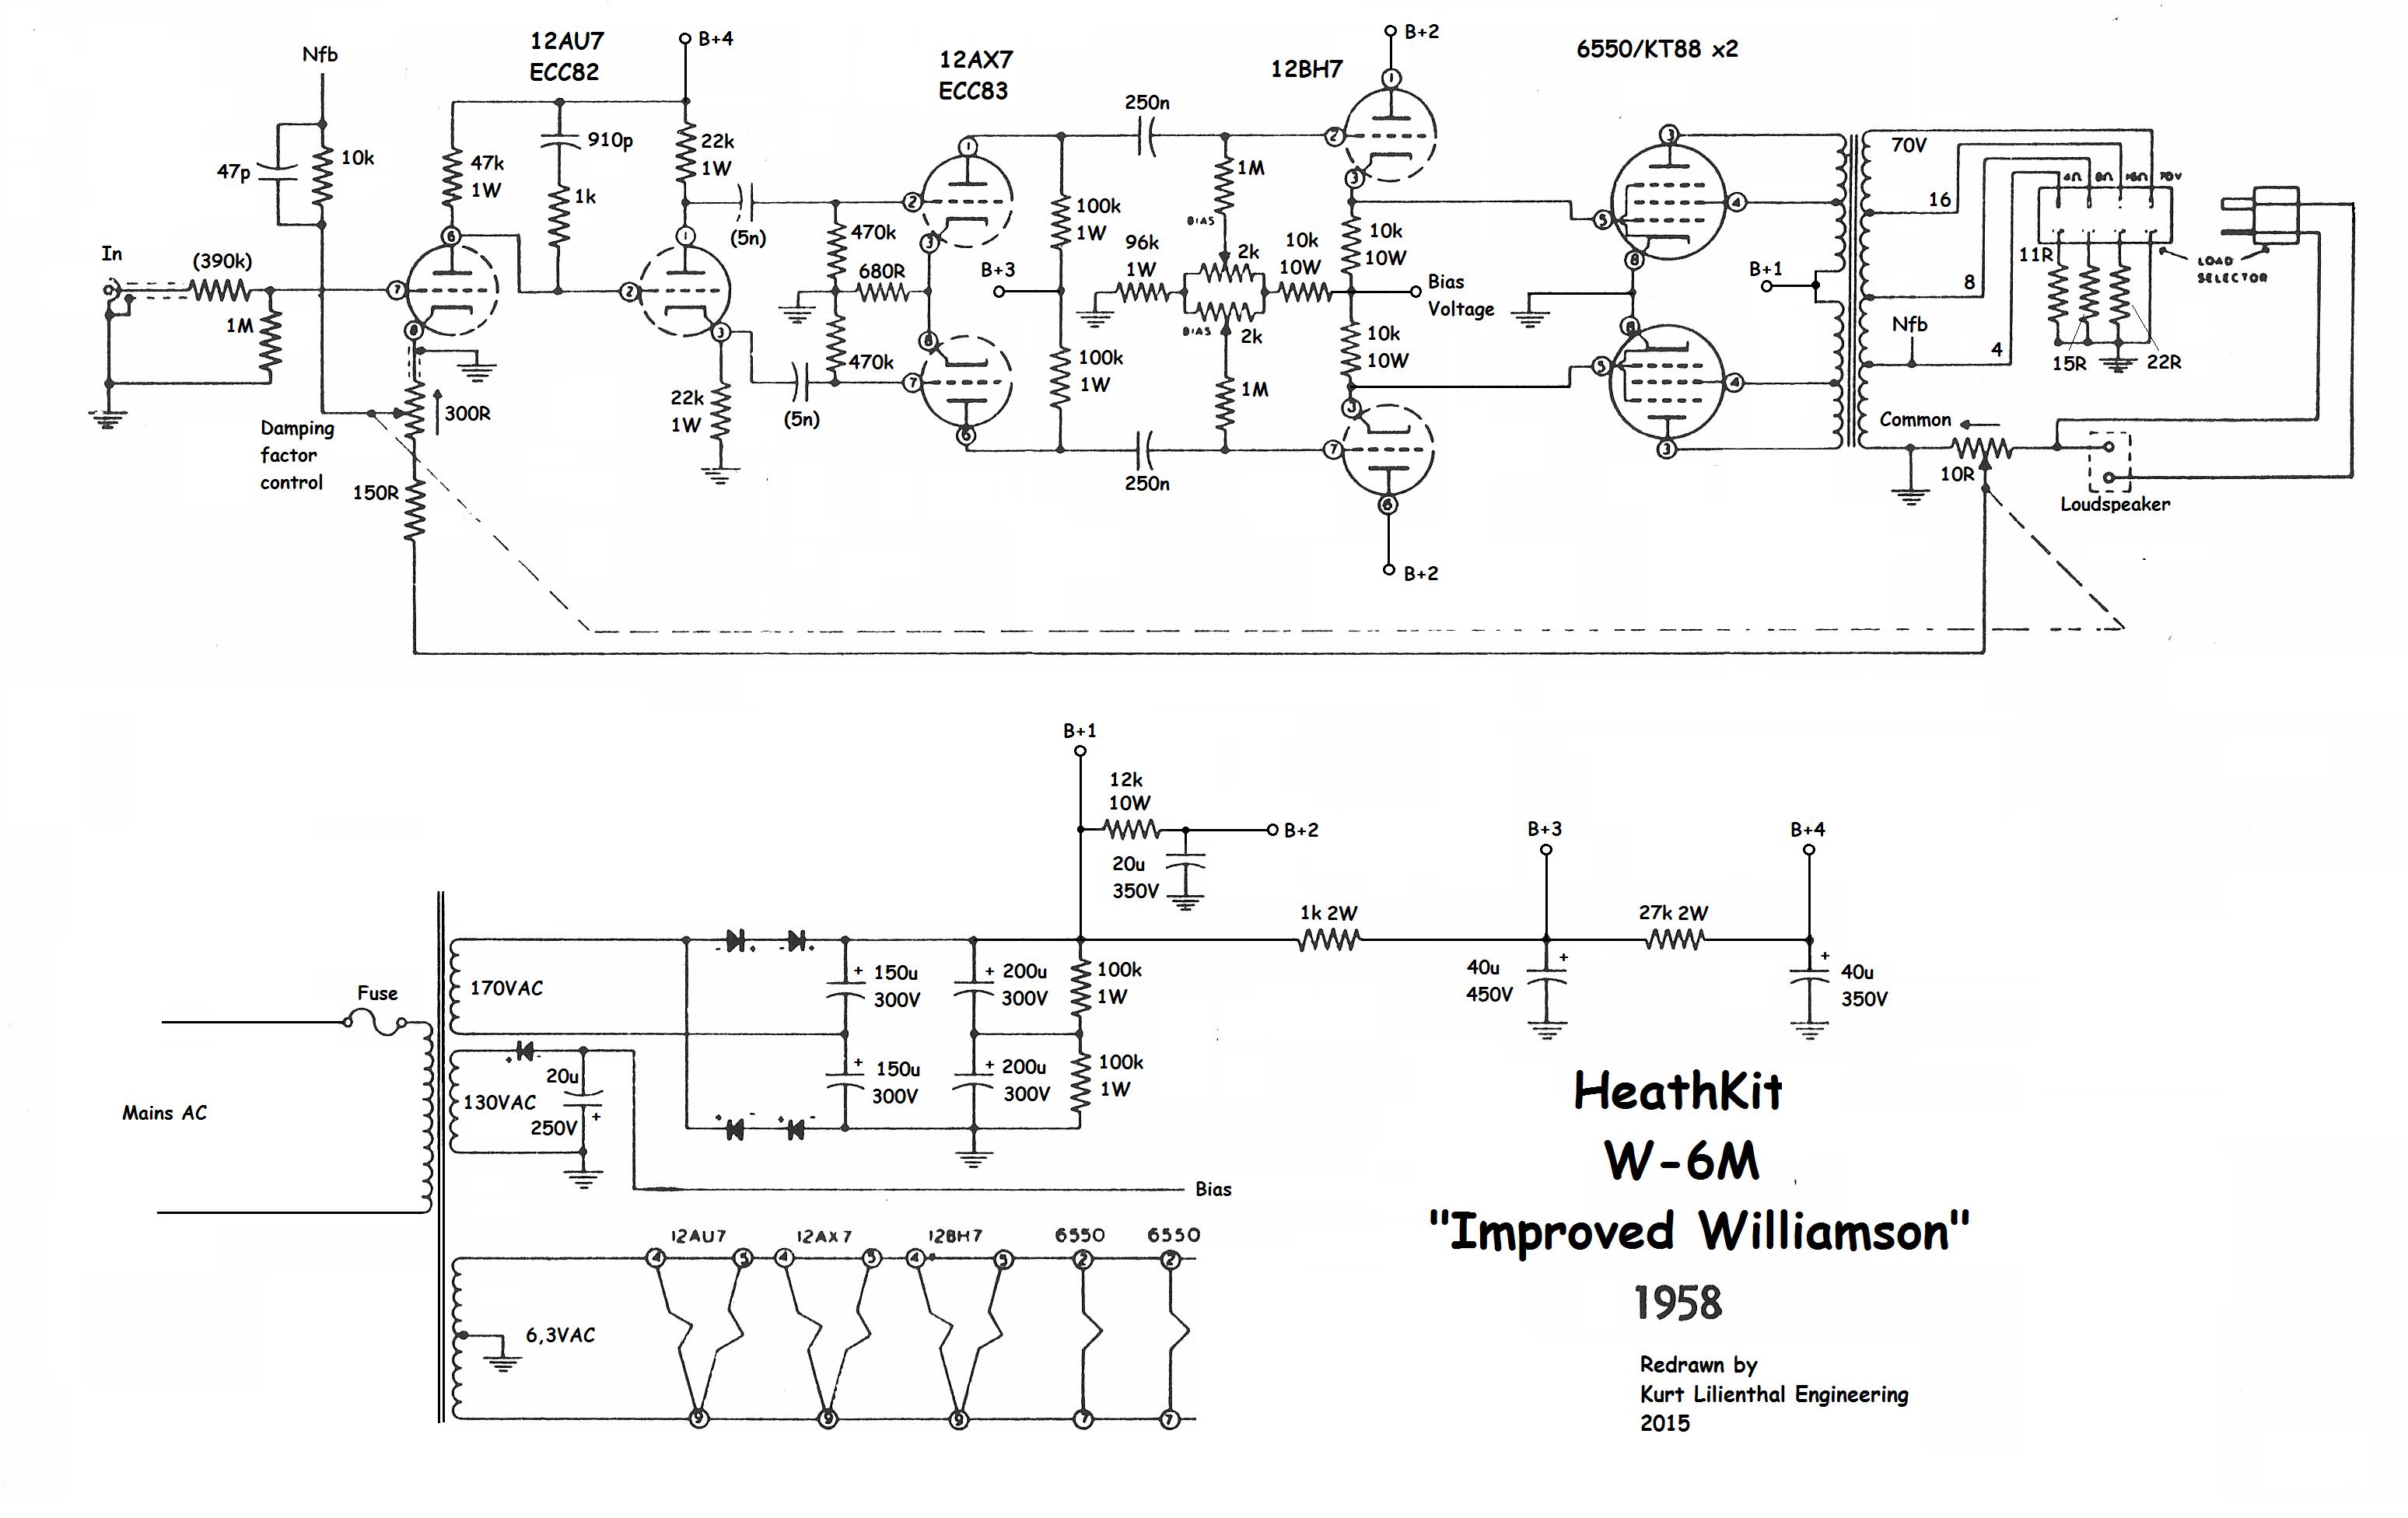 Heath kit W-6M, 6550 PP, ed | Technology 1 in 2019 | Diagram